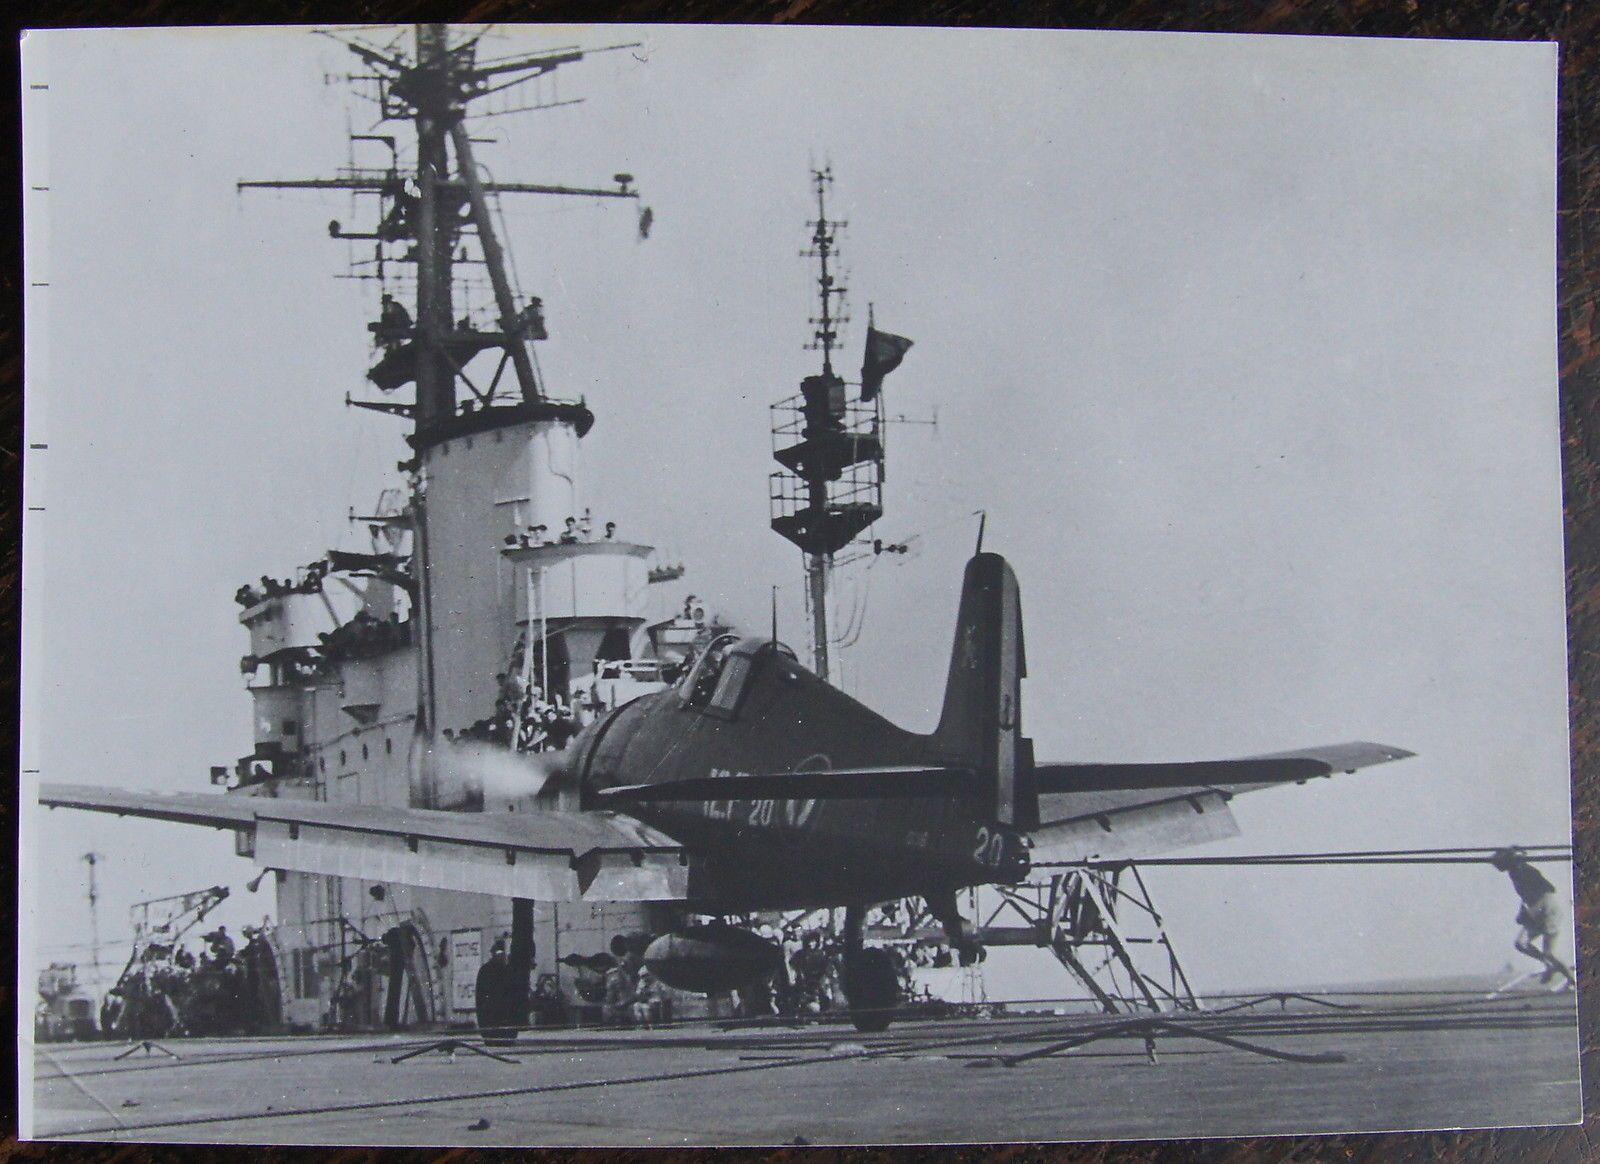 Grumman F6F Hellcat_07.JPG